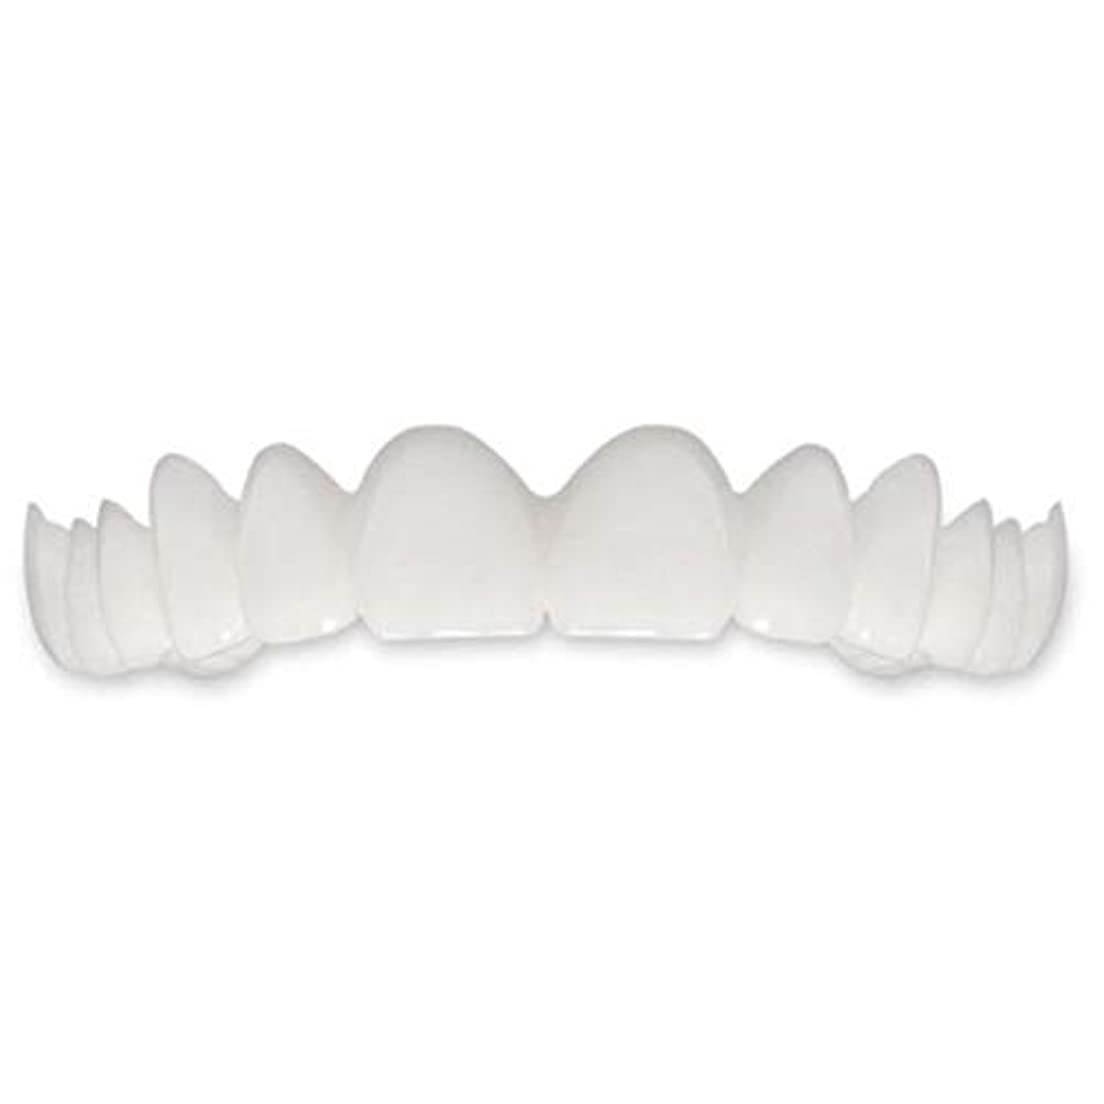 仕事に行くファッション顕微鏡Tooth Instant Perfect Smile Flex Teeth Whitening Smile False Teeth Cover-ホワイト